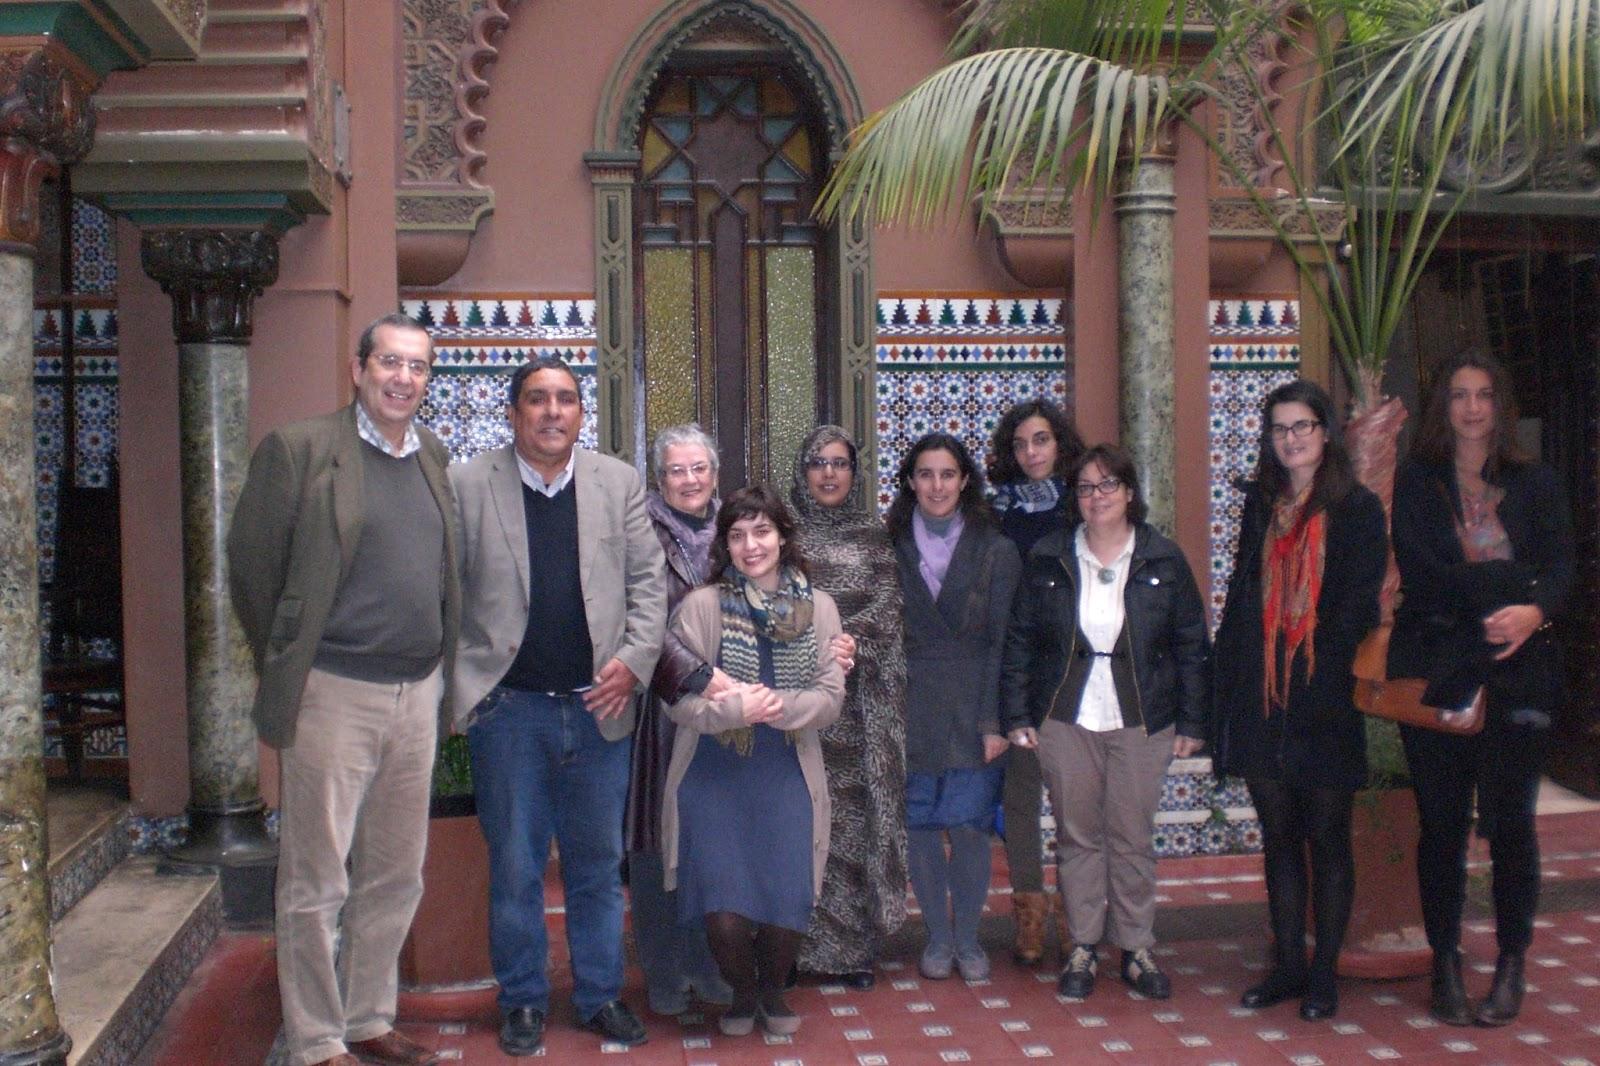 Leyes Organismos E Instituciones Que Respaldan Los Derechos Humanos En Mexico